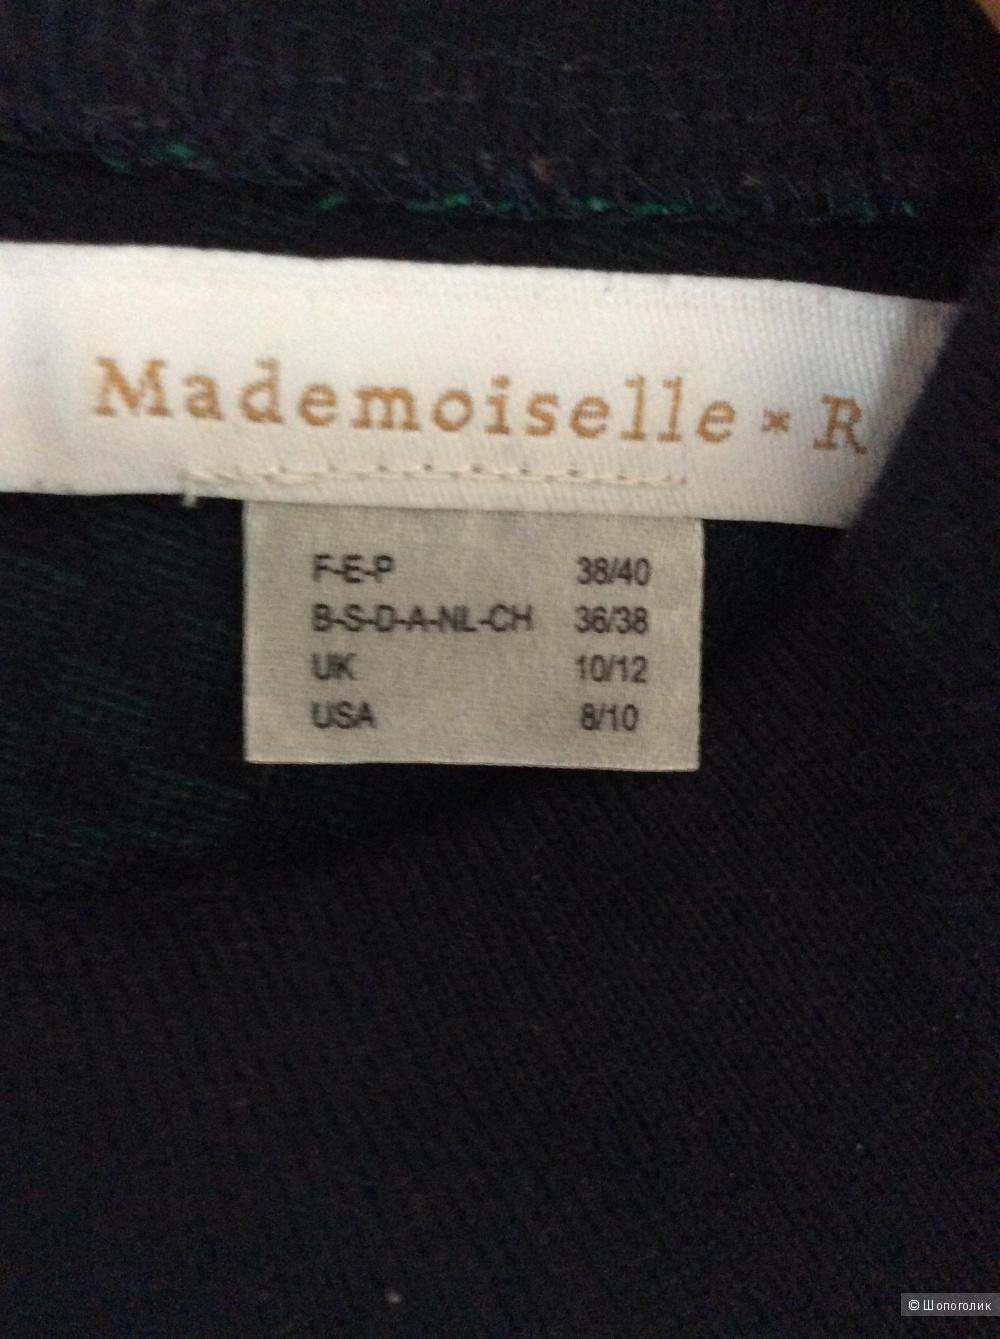 Платье Laredoute Mademoiselle*R р-р 38/40 (S/М)